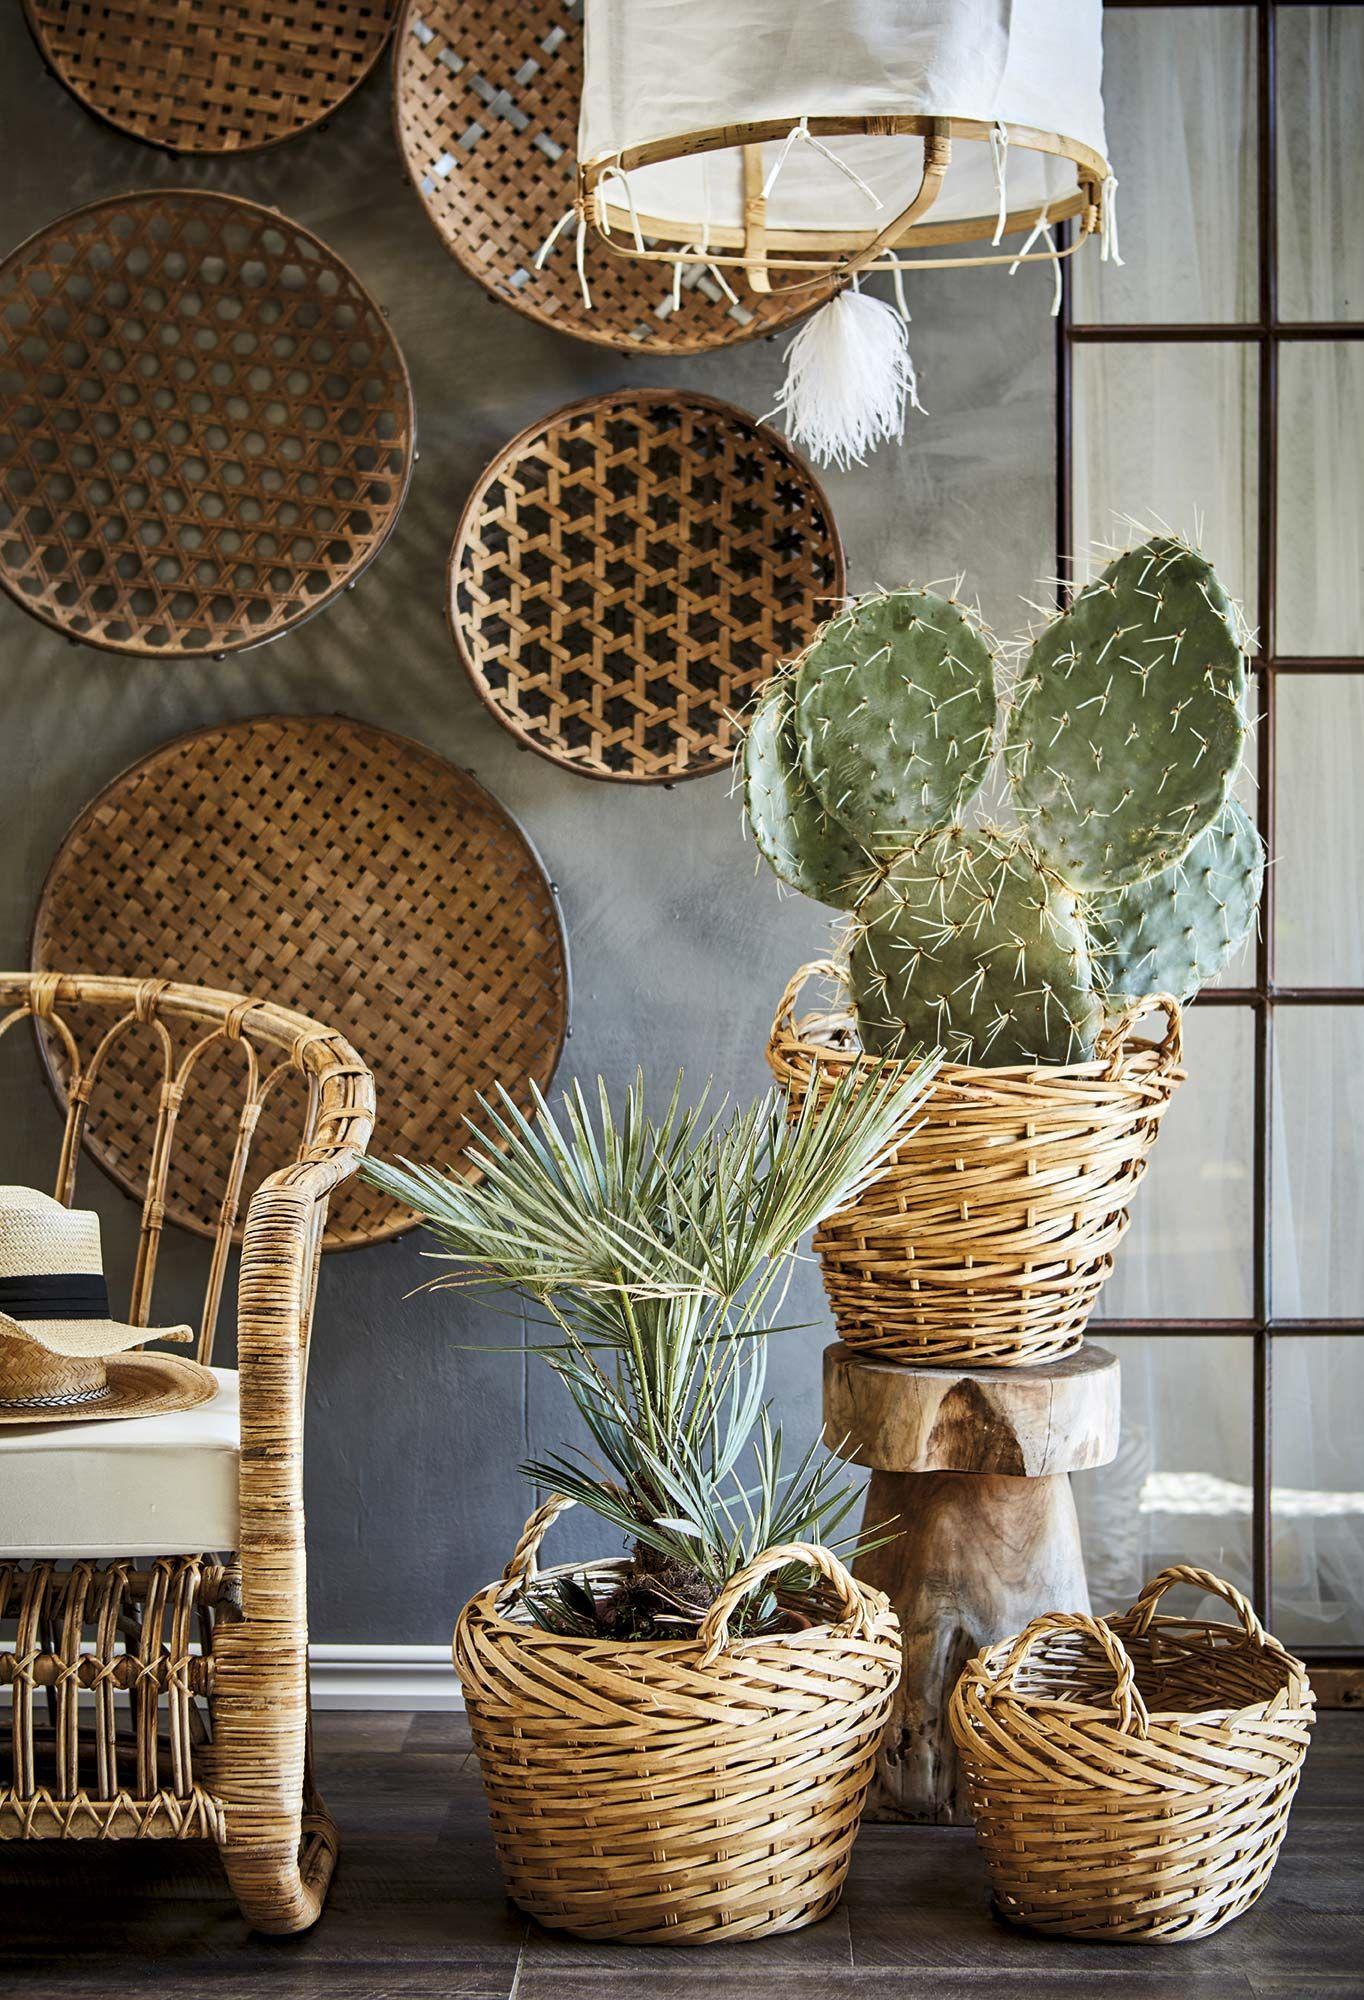 Colección de cestos de mimbre en la pared